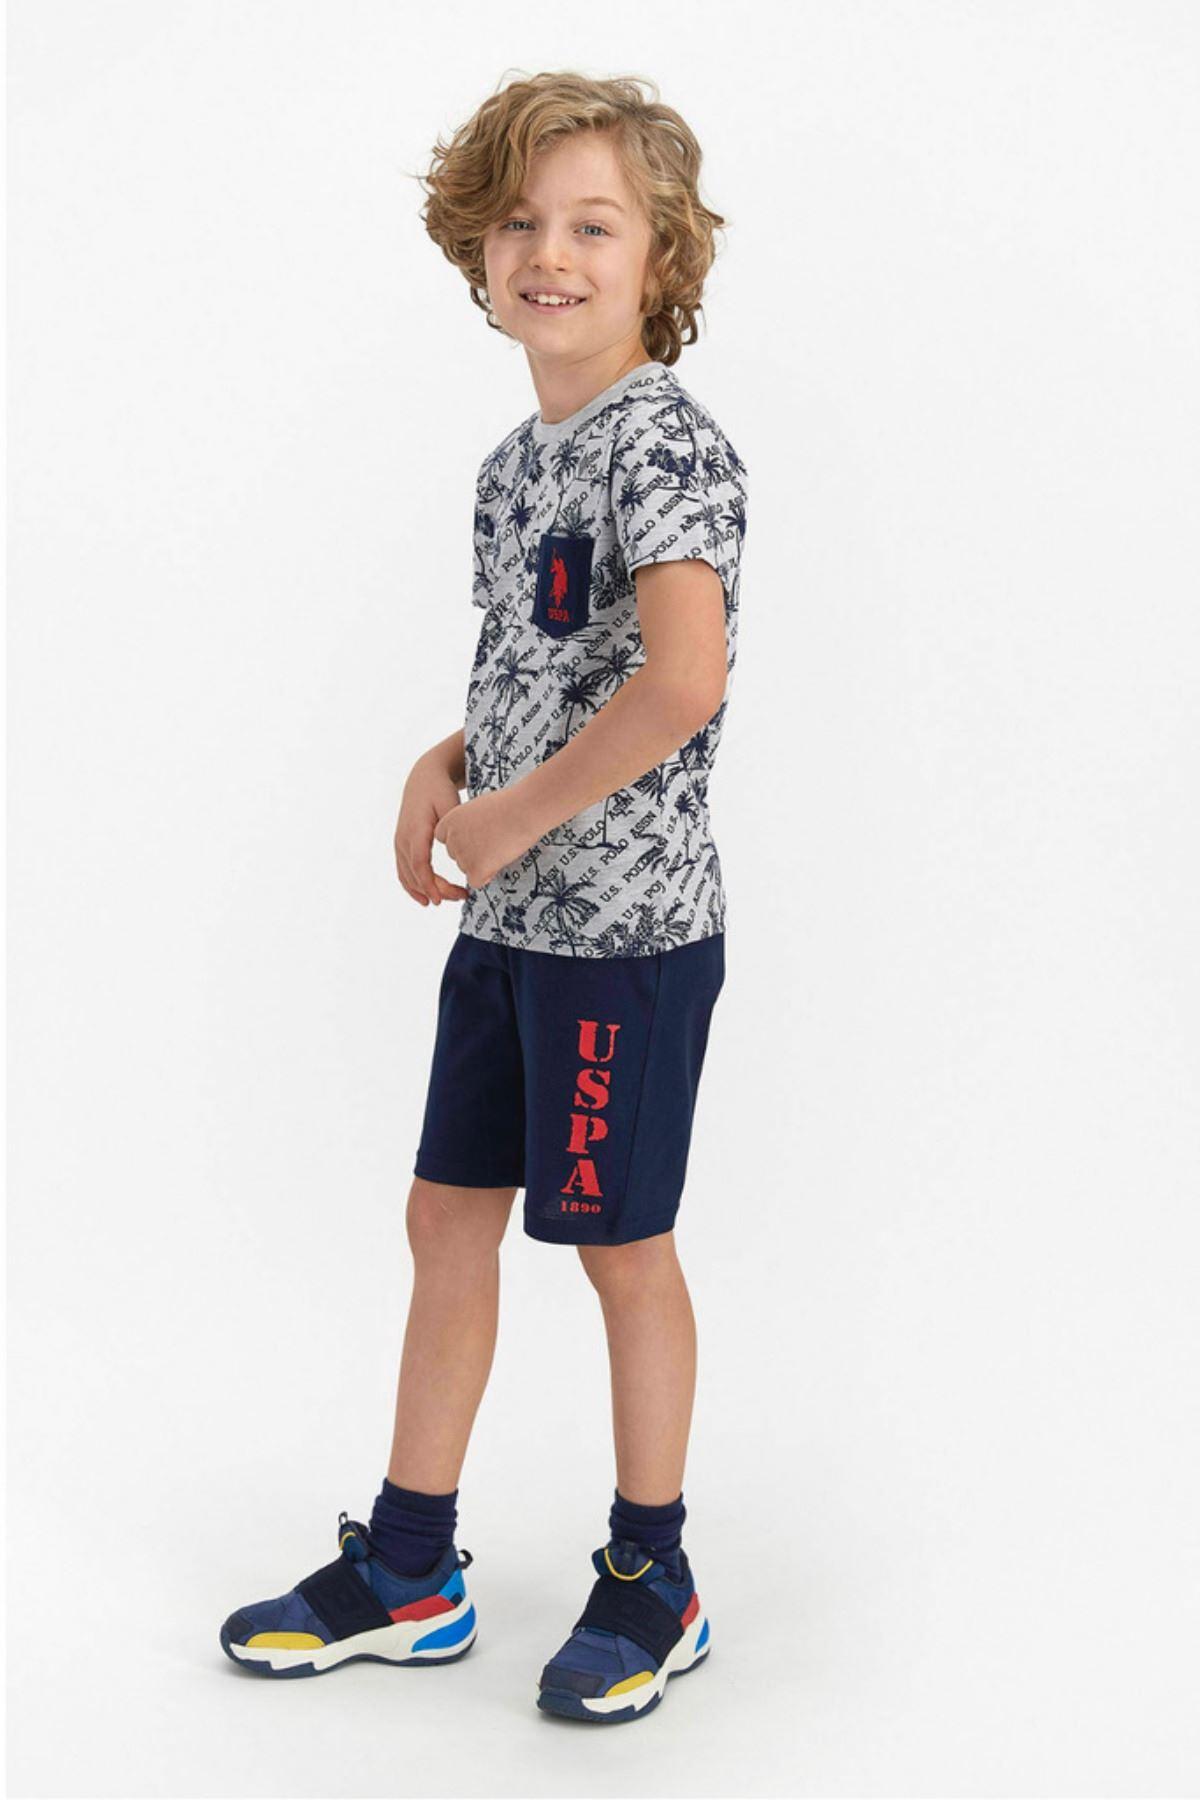 9-15 Yaş Us Polo ASSN Lisanslı Palmiye Gri Erkek Çocuk Takım